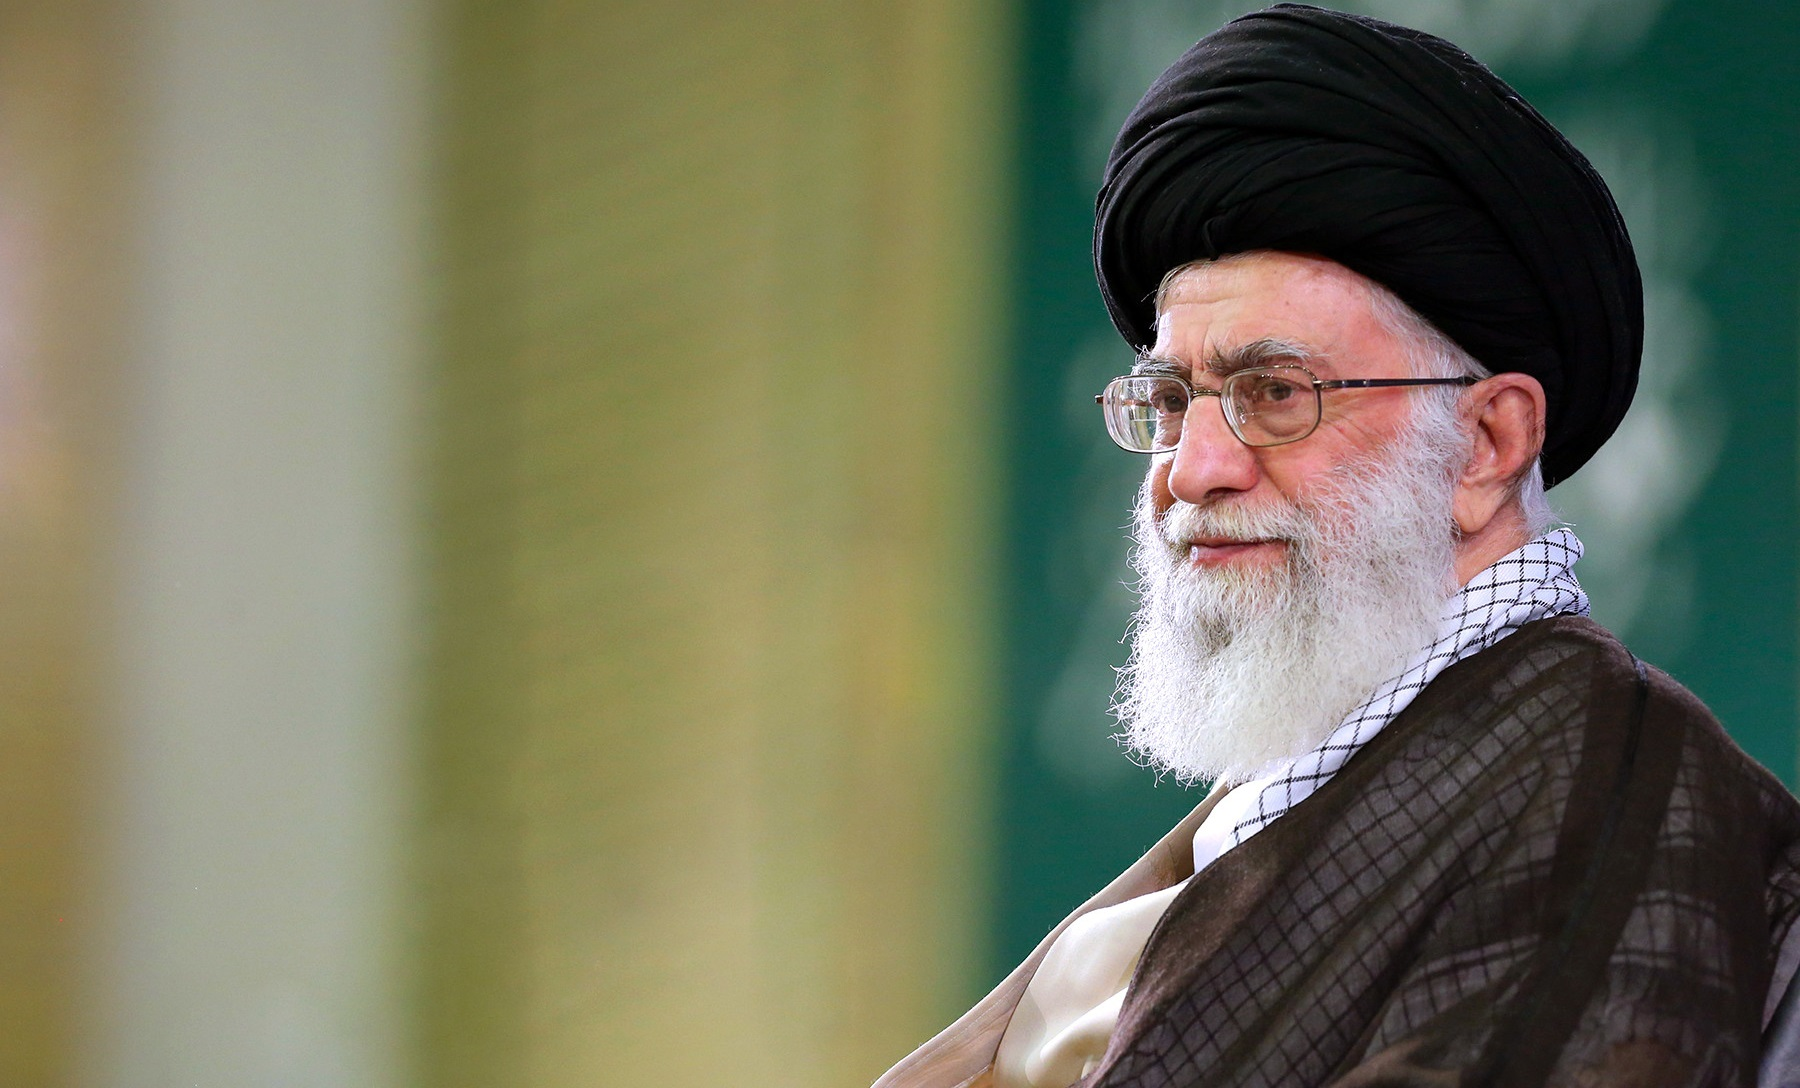 گزیدهای از بیانات امام خامنهای درباره ماهیت حقوق بشری آمریکا/ غربیها مظهر نقض حقوق بشر هستند